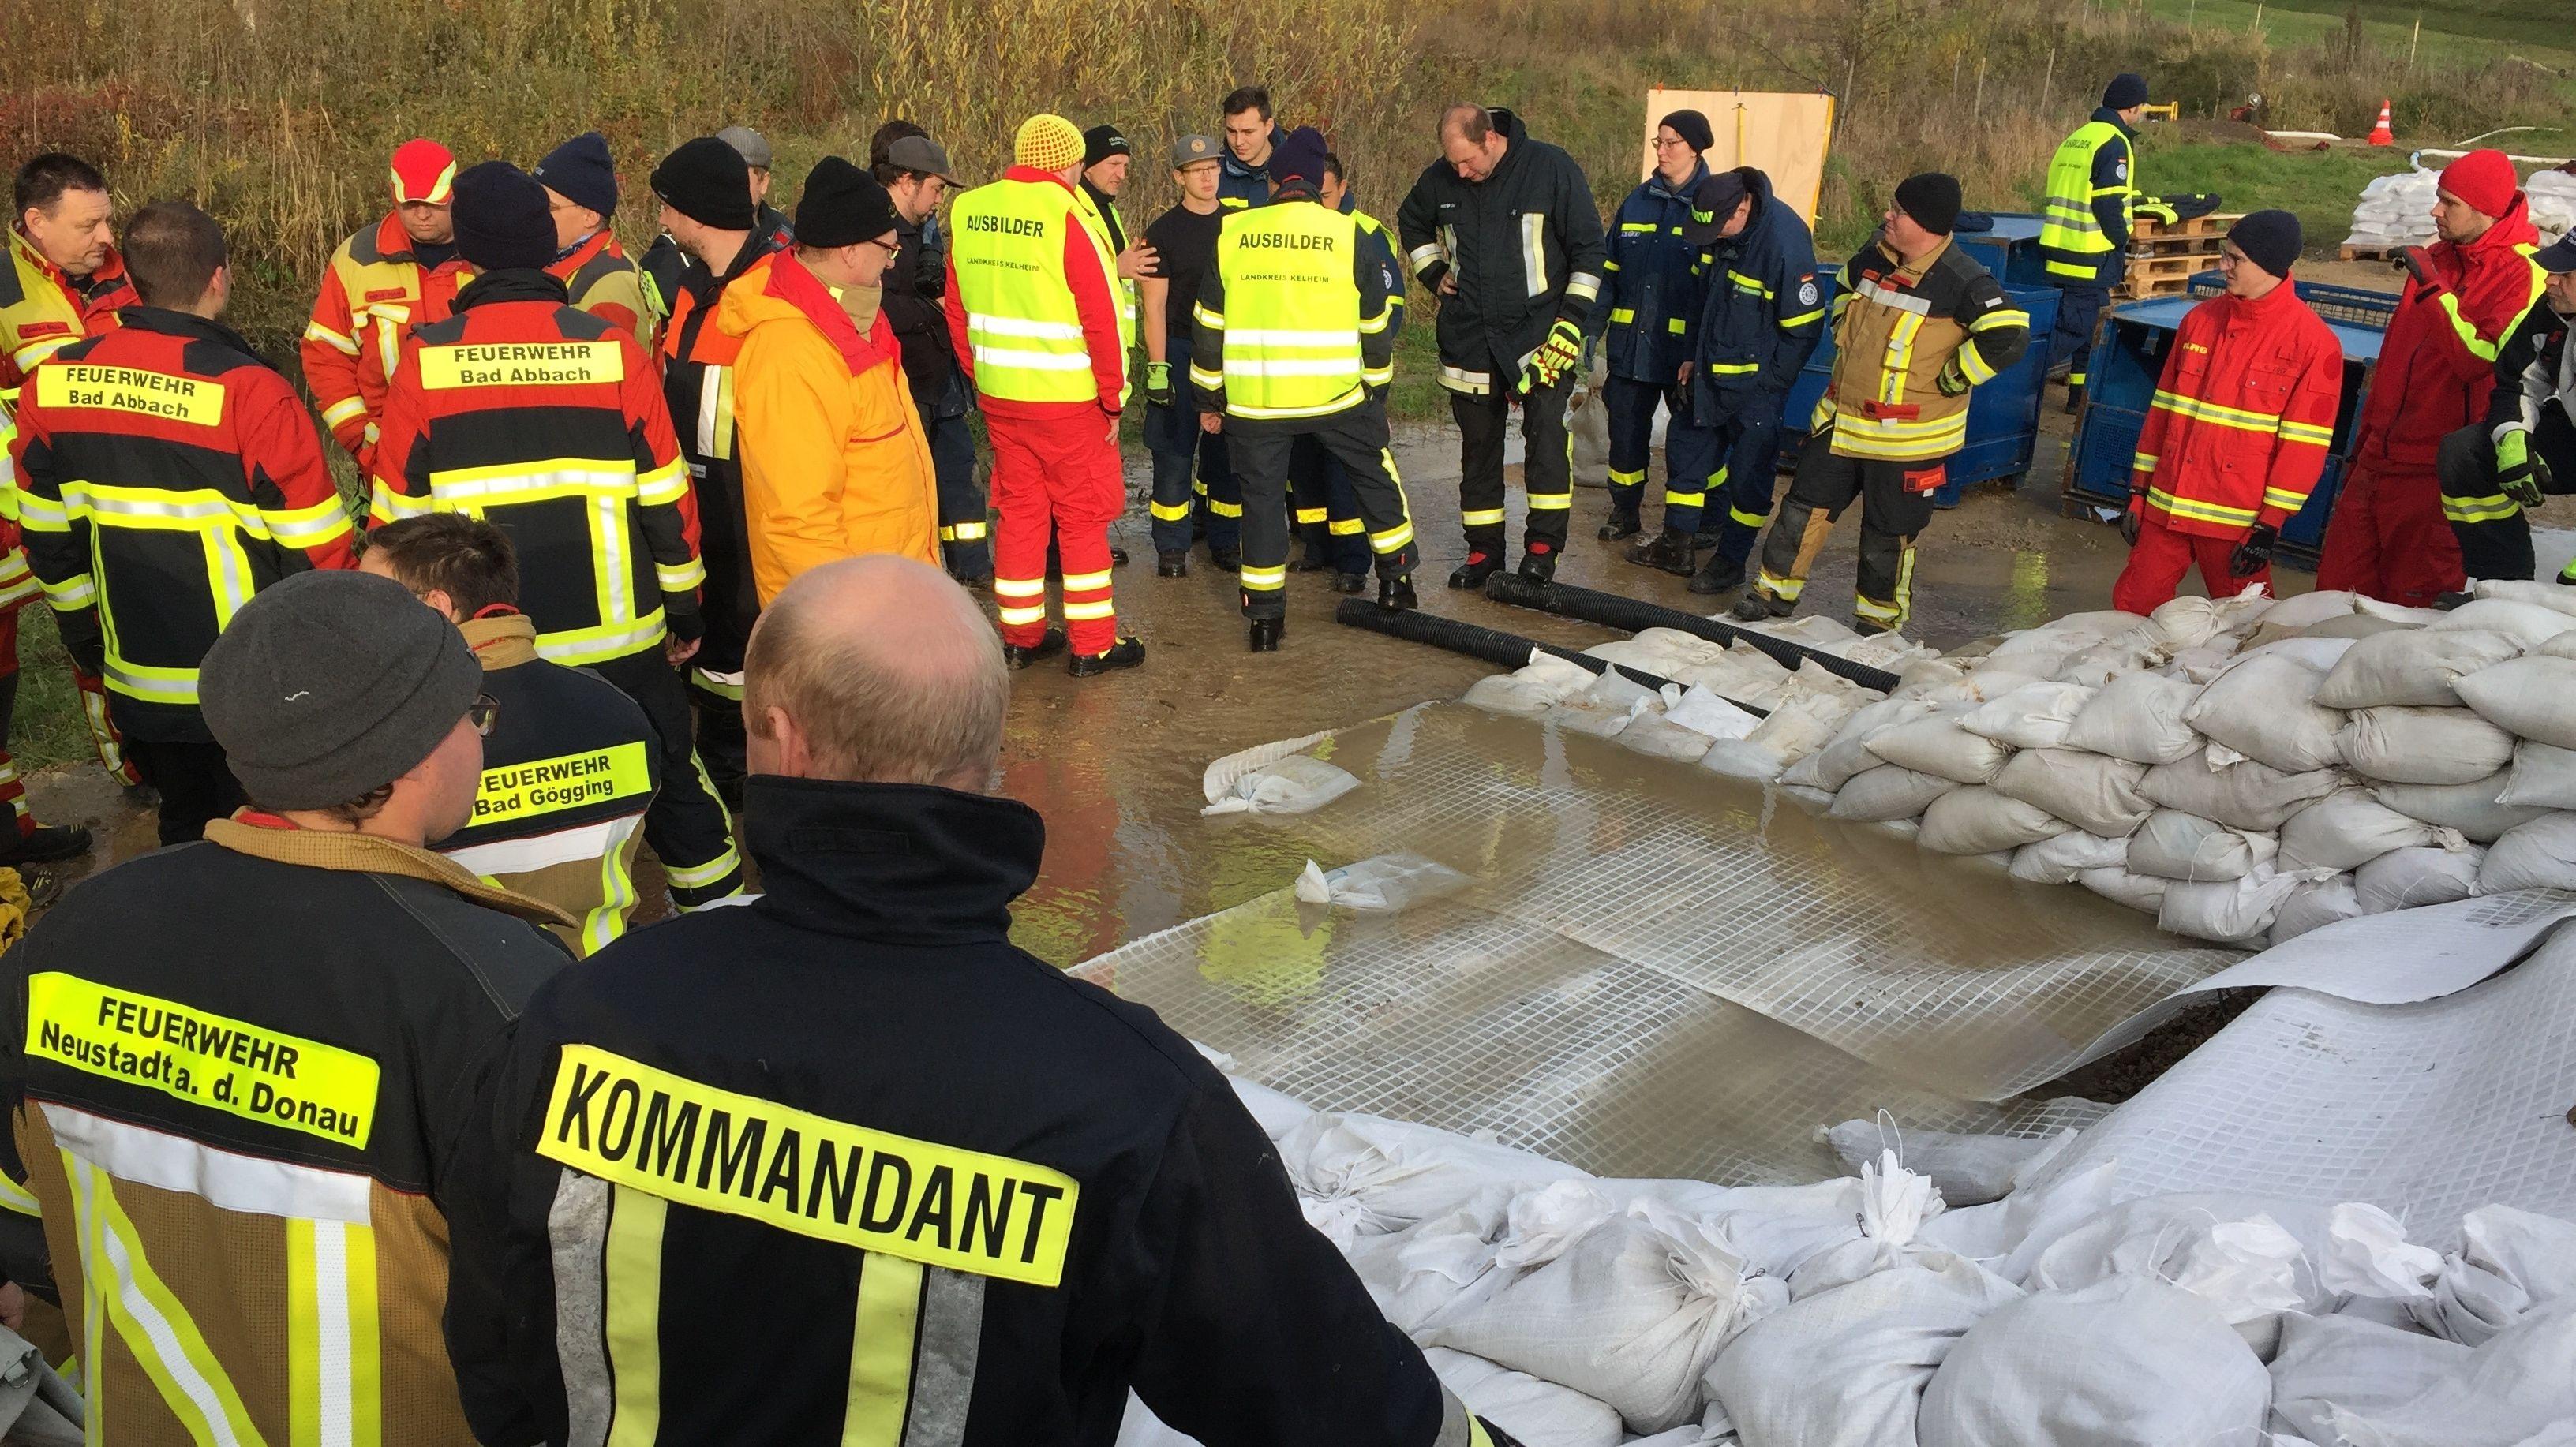 Einsatzkräfte proben das Auslegen von Sandsäcken am Übungsdeich